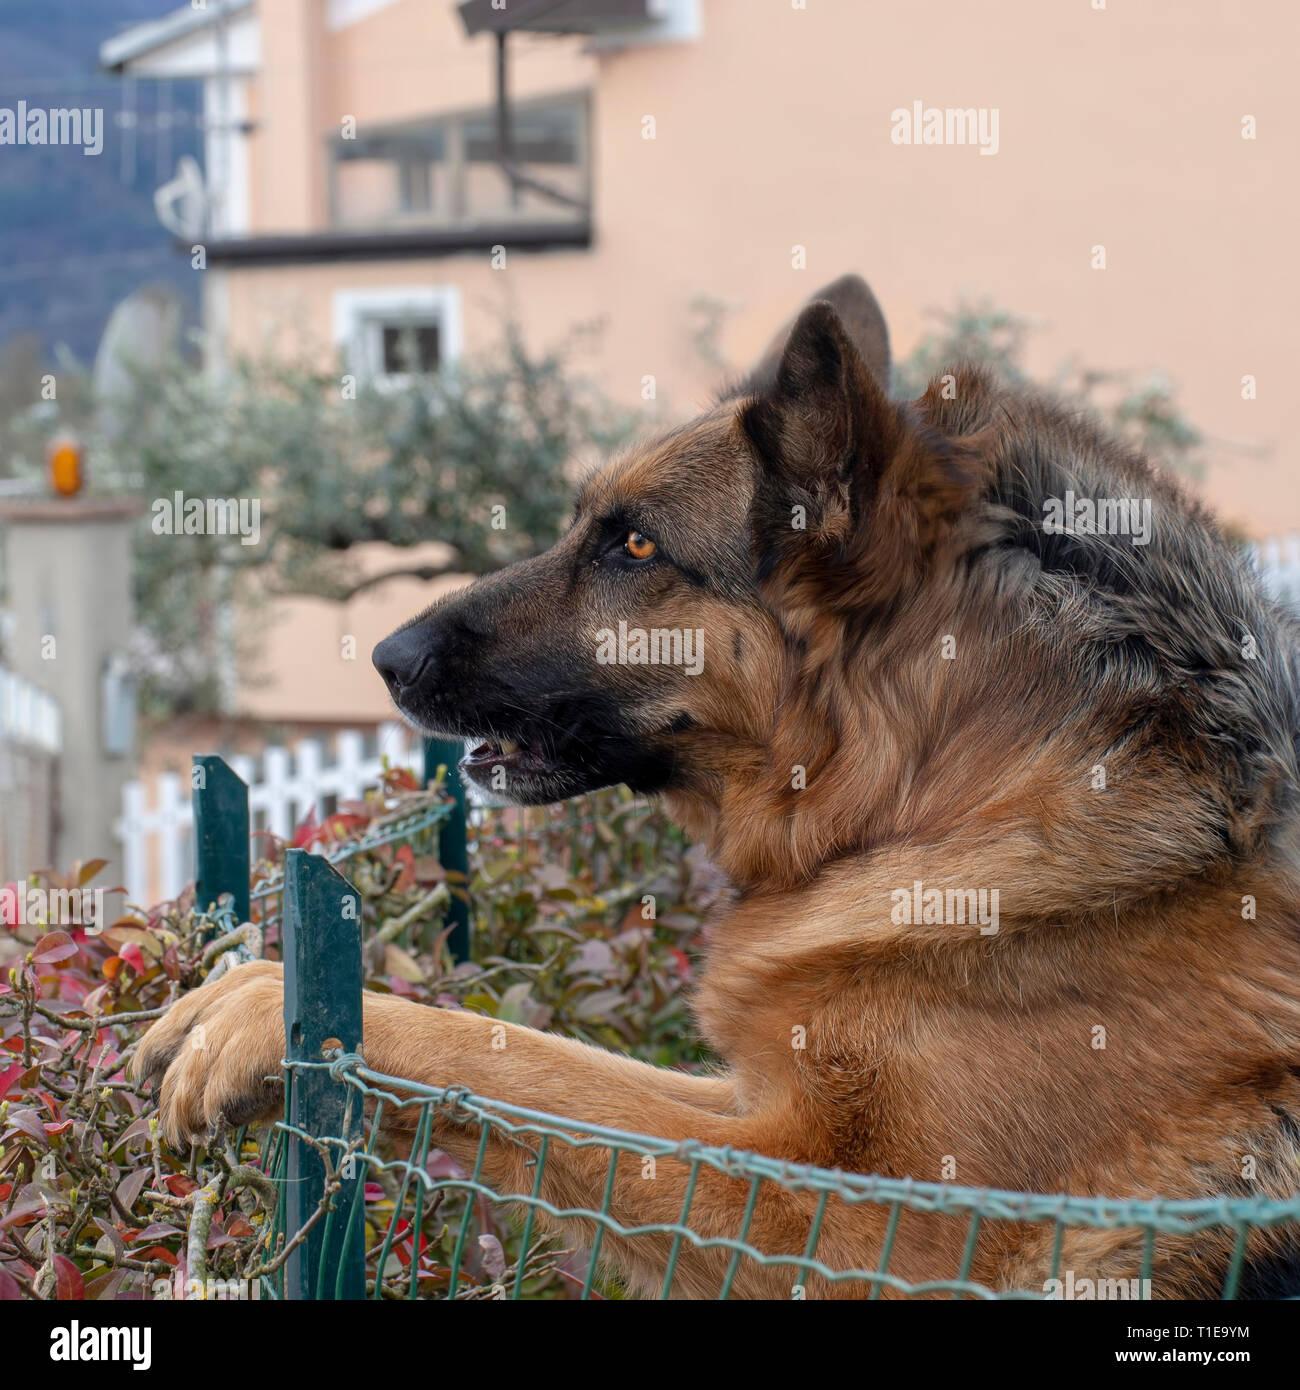 Head shot of German Shepherd or Alsatian dog outdoors in garden. Beautiful dog. - Stock Image